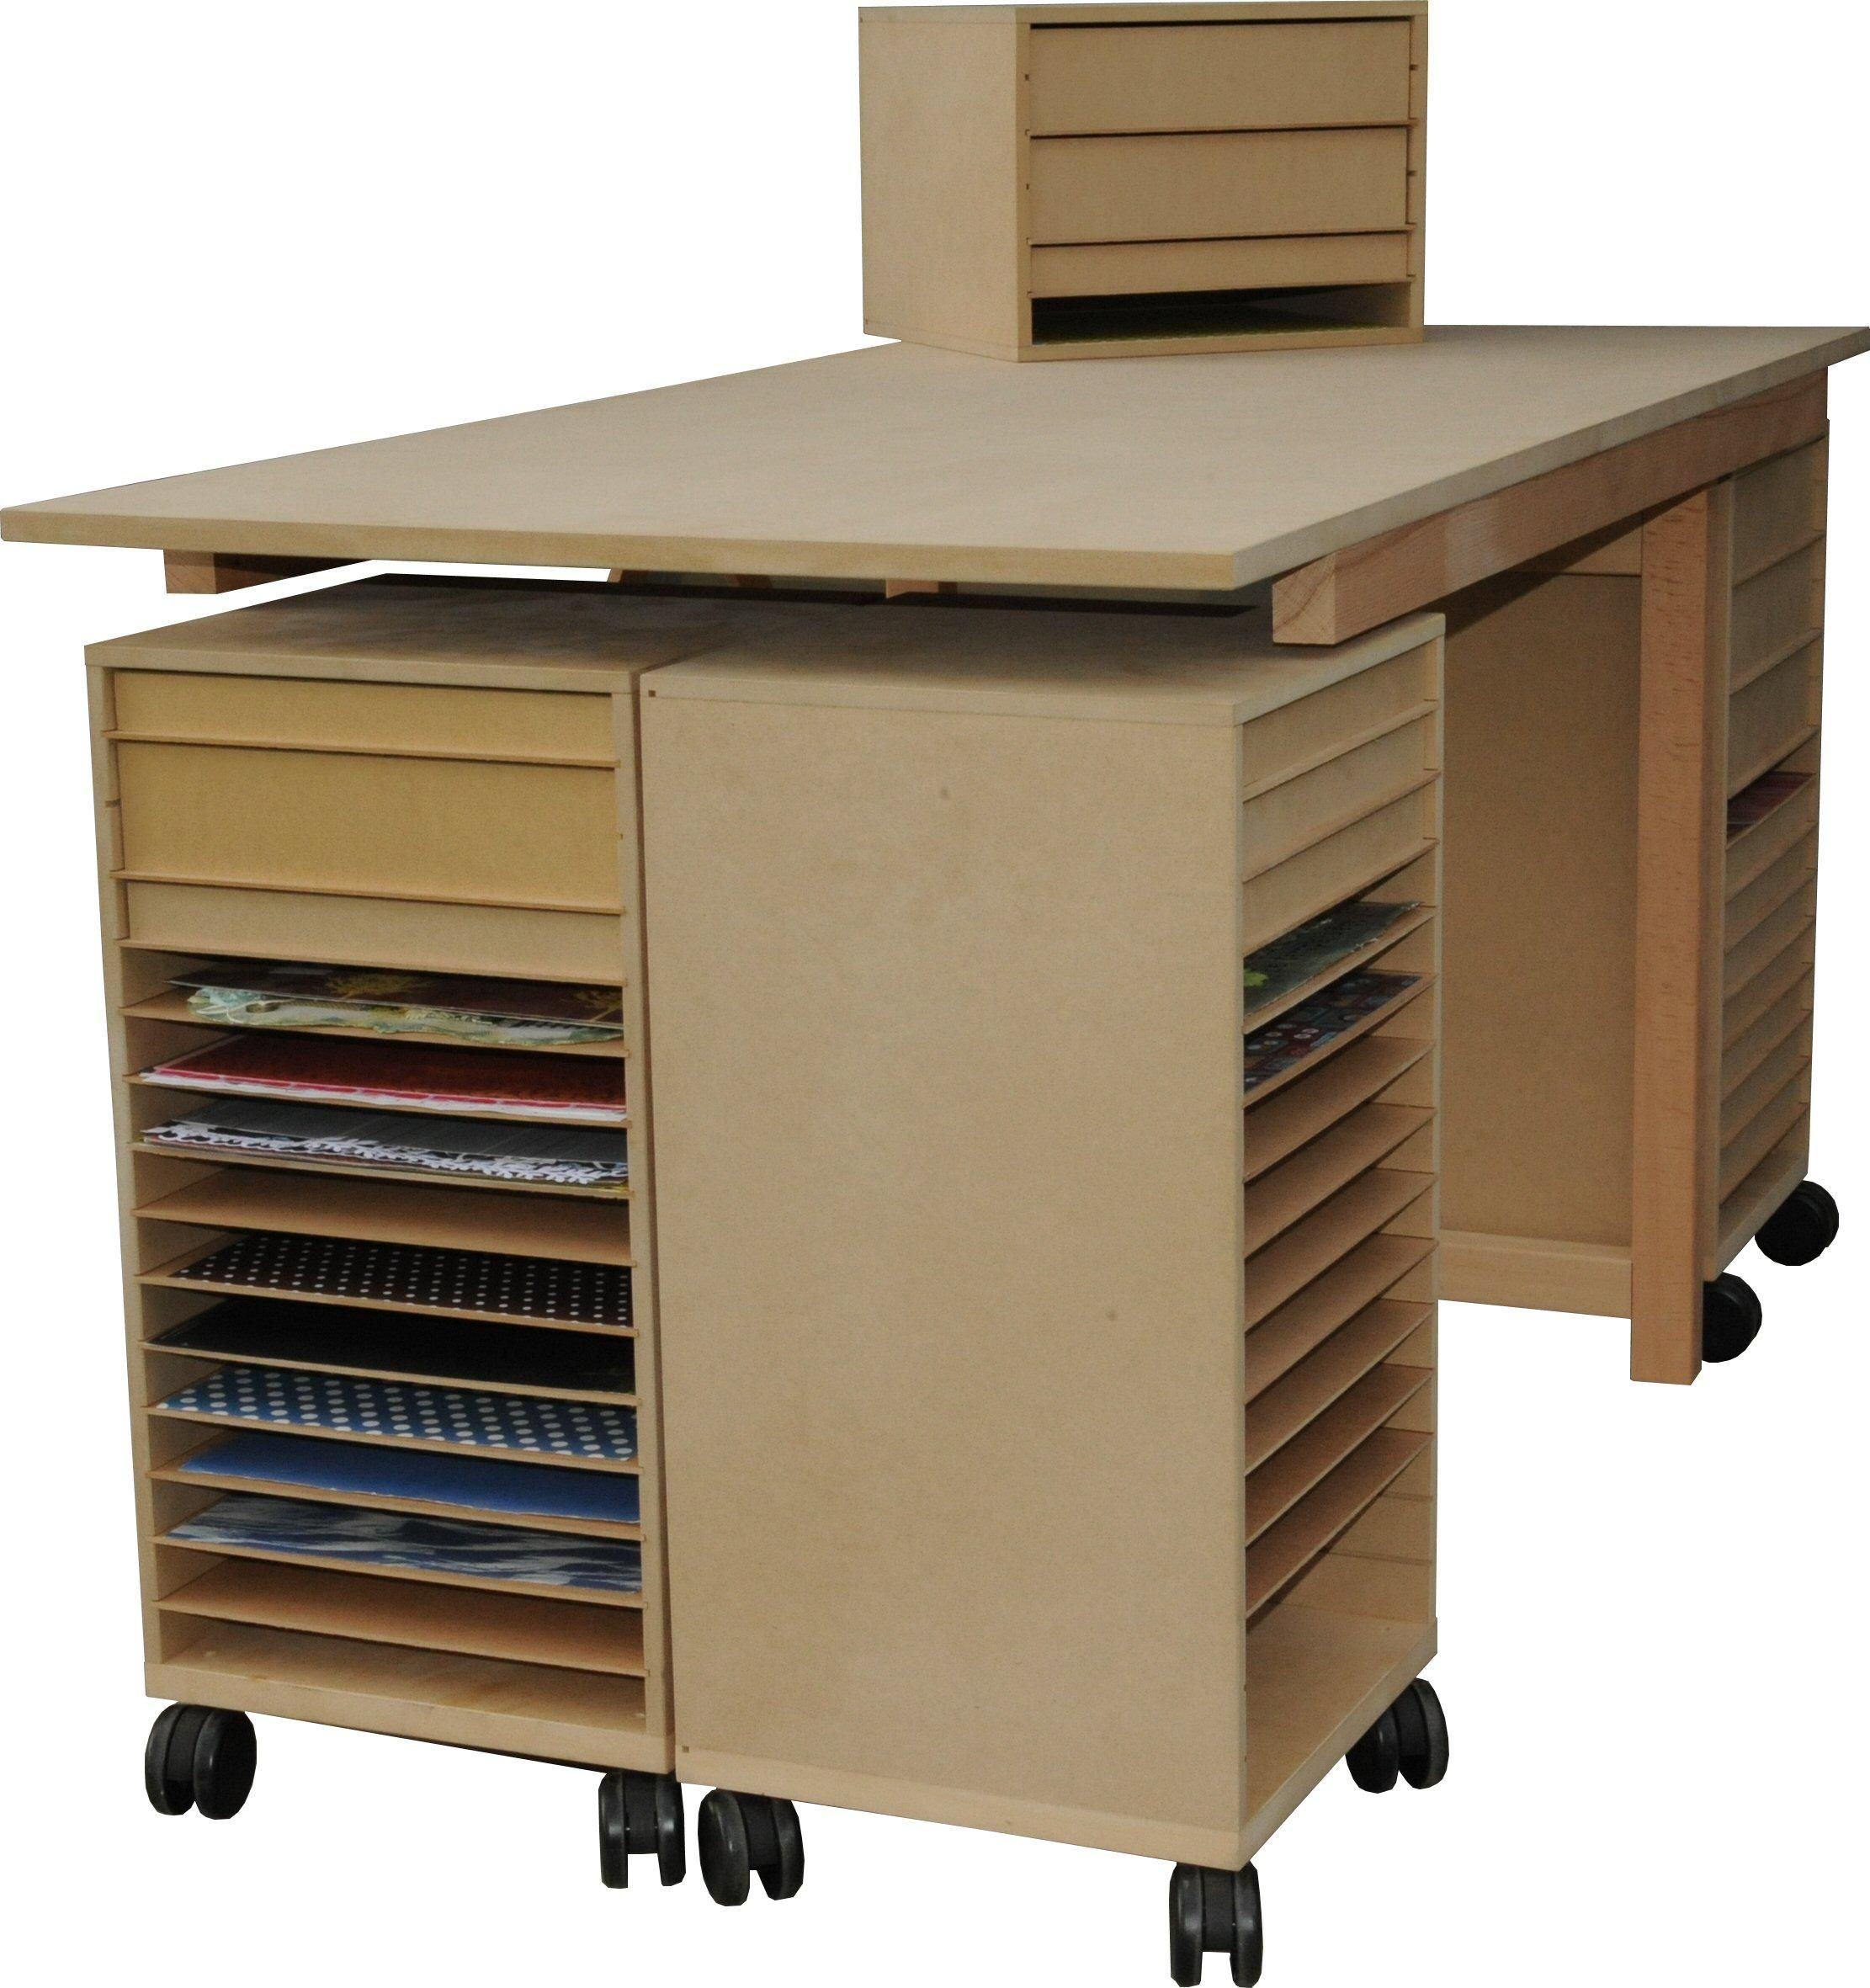 meuble scrapbooking meuble en bois pour loisirs cr atifs id e scraproom pinterest meuble. Black Bedroom Furniture Sets. Home Design Ideas